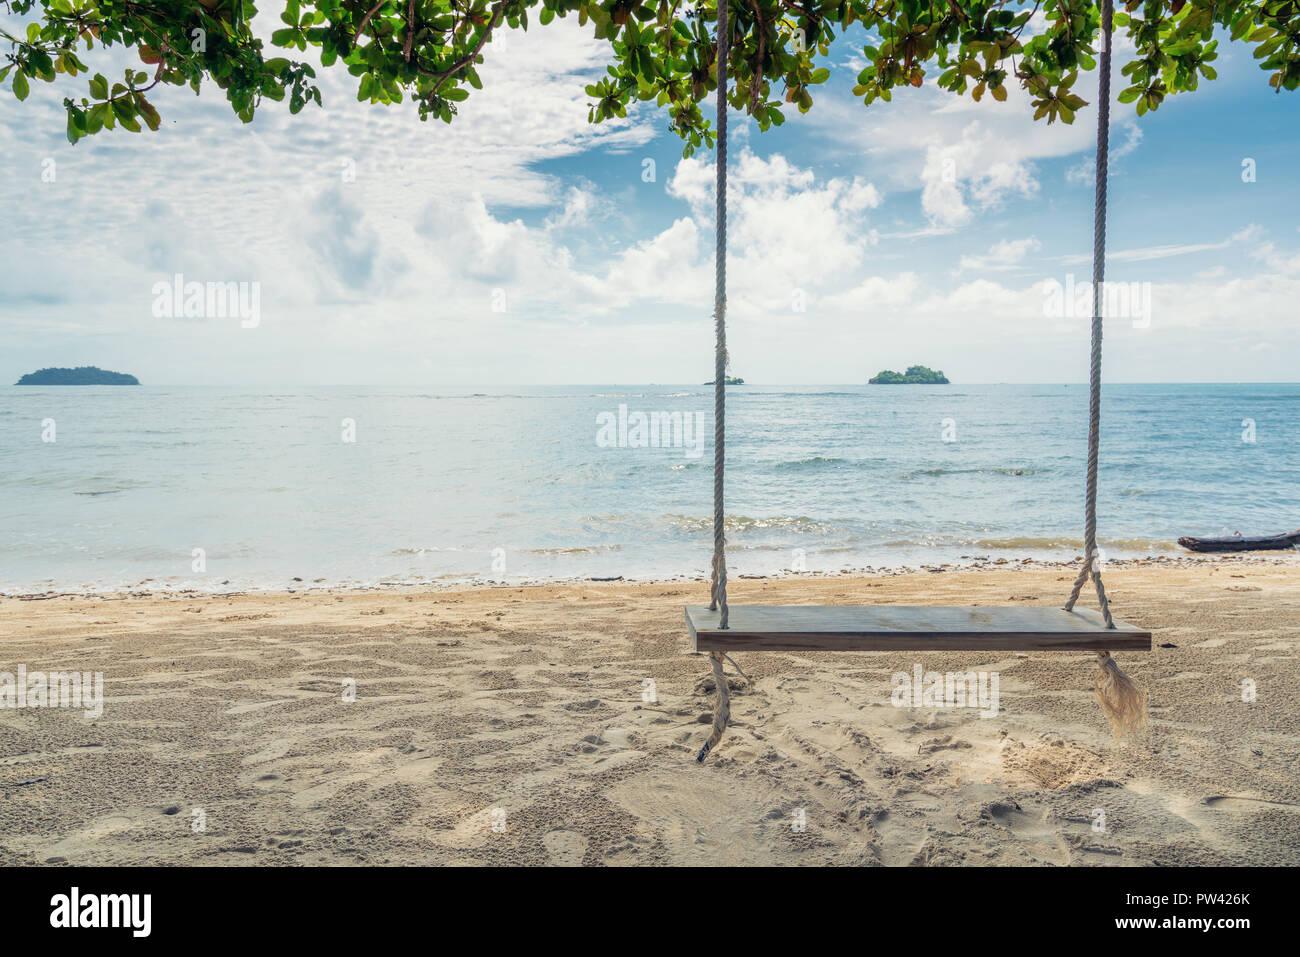 Balançoire en bois accroché sur la plage près de l'arbre à l'île de Phuket, Thaïlande. Vacances d'été Vacances et concept. Photo Stock